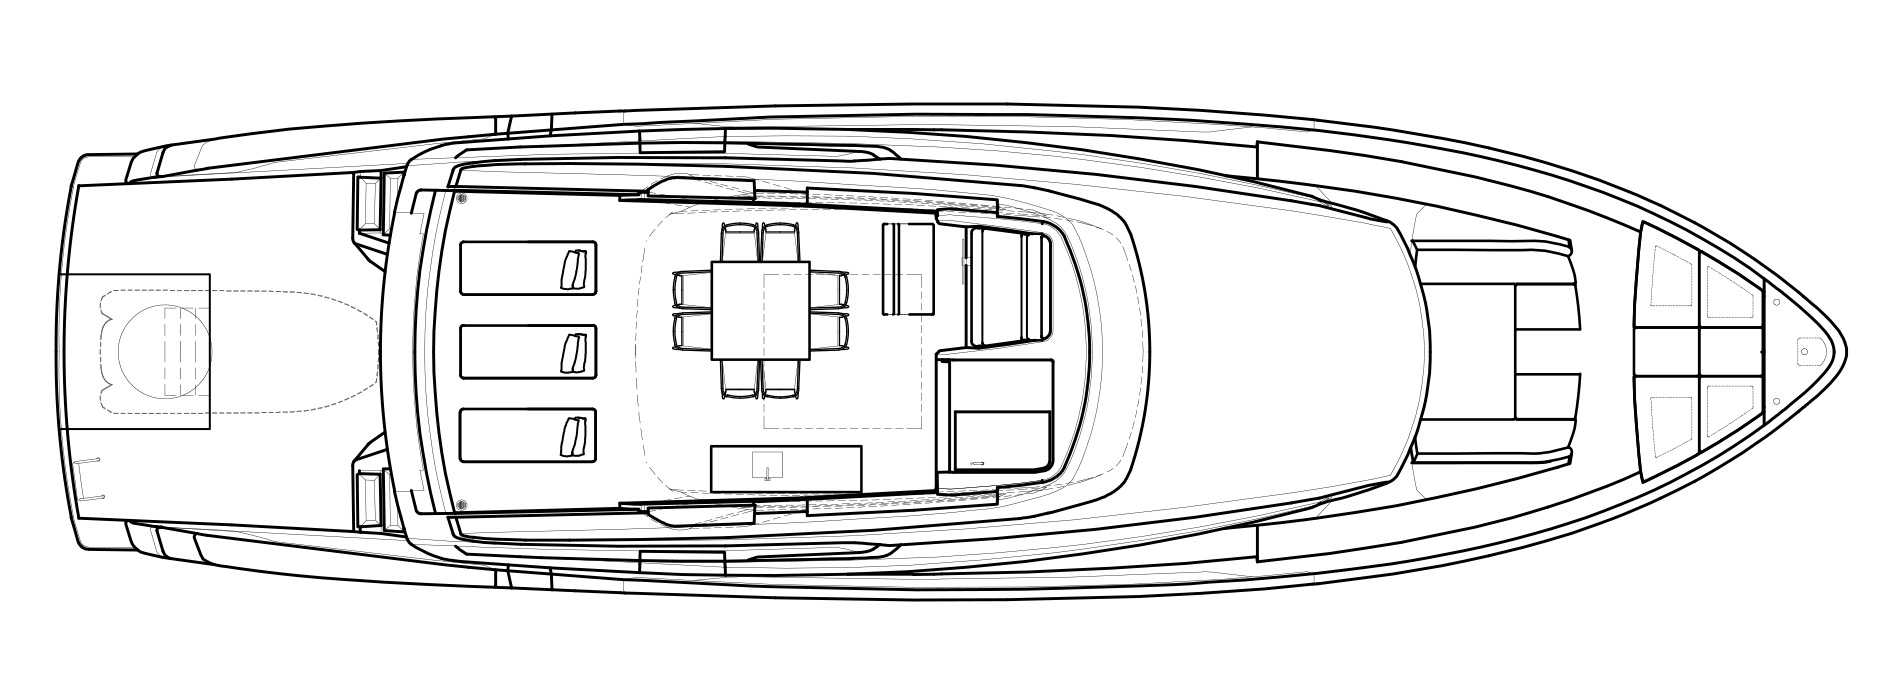 Sanlorenzo Yachts SX76 Flying bridge Version A